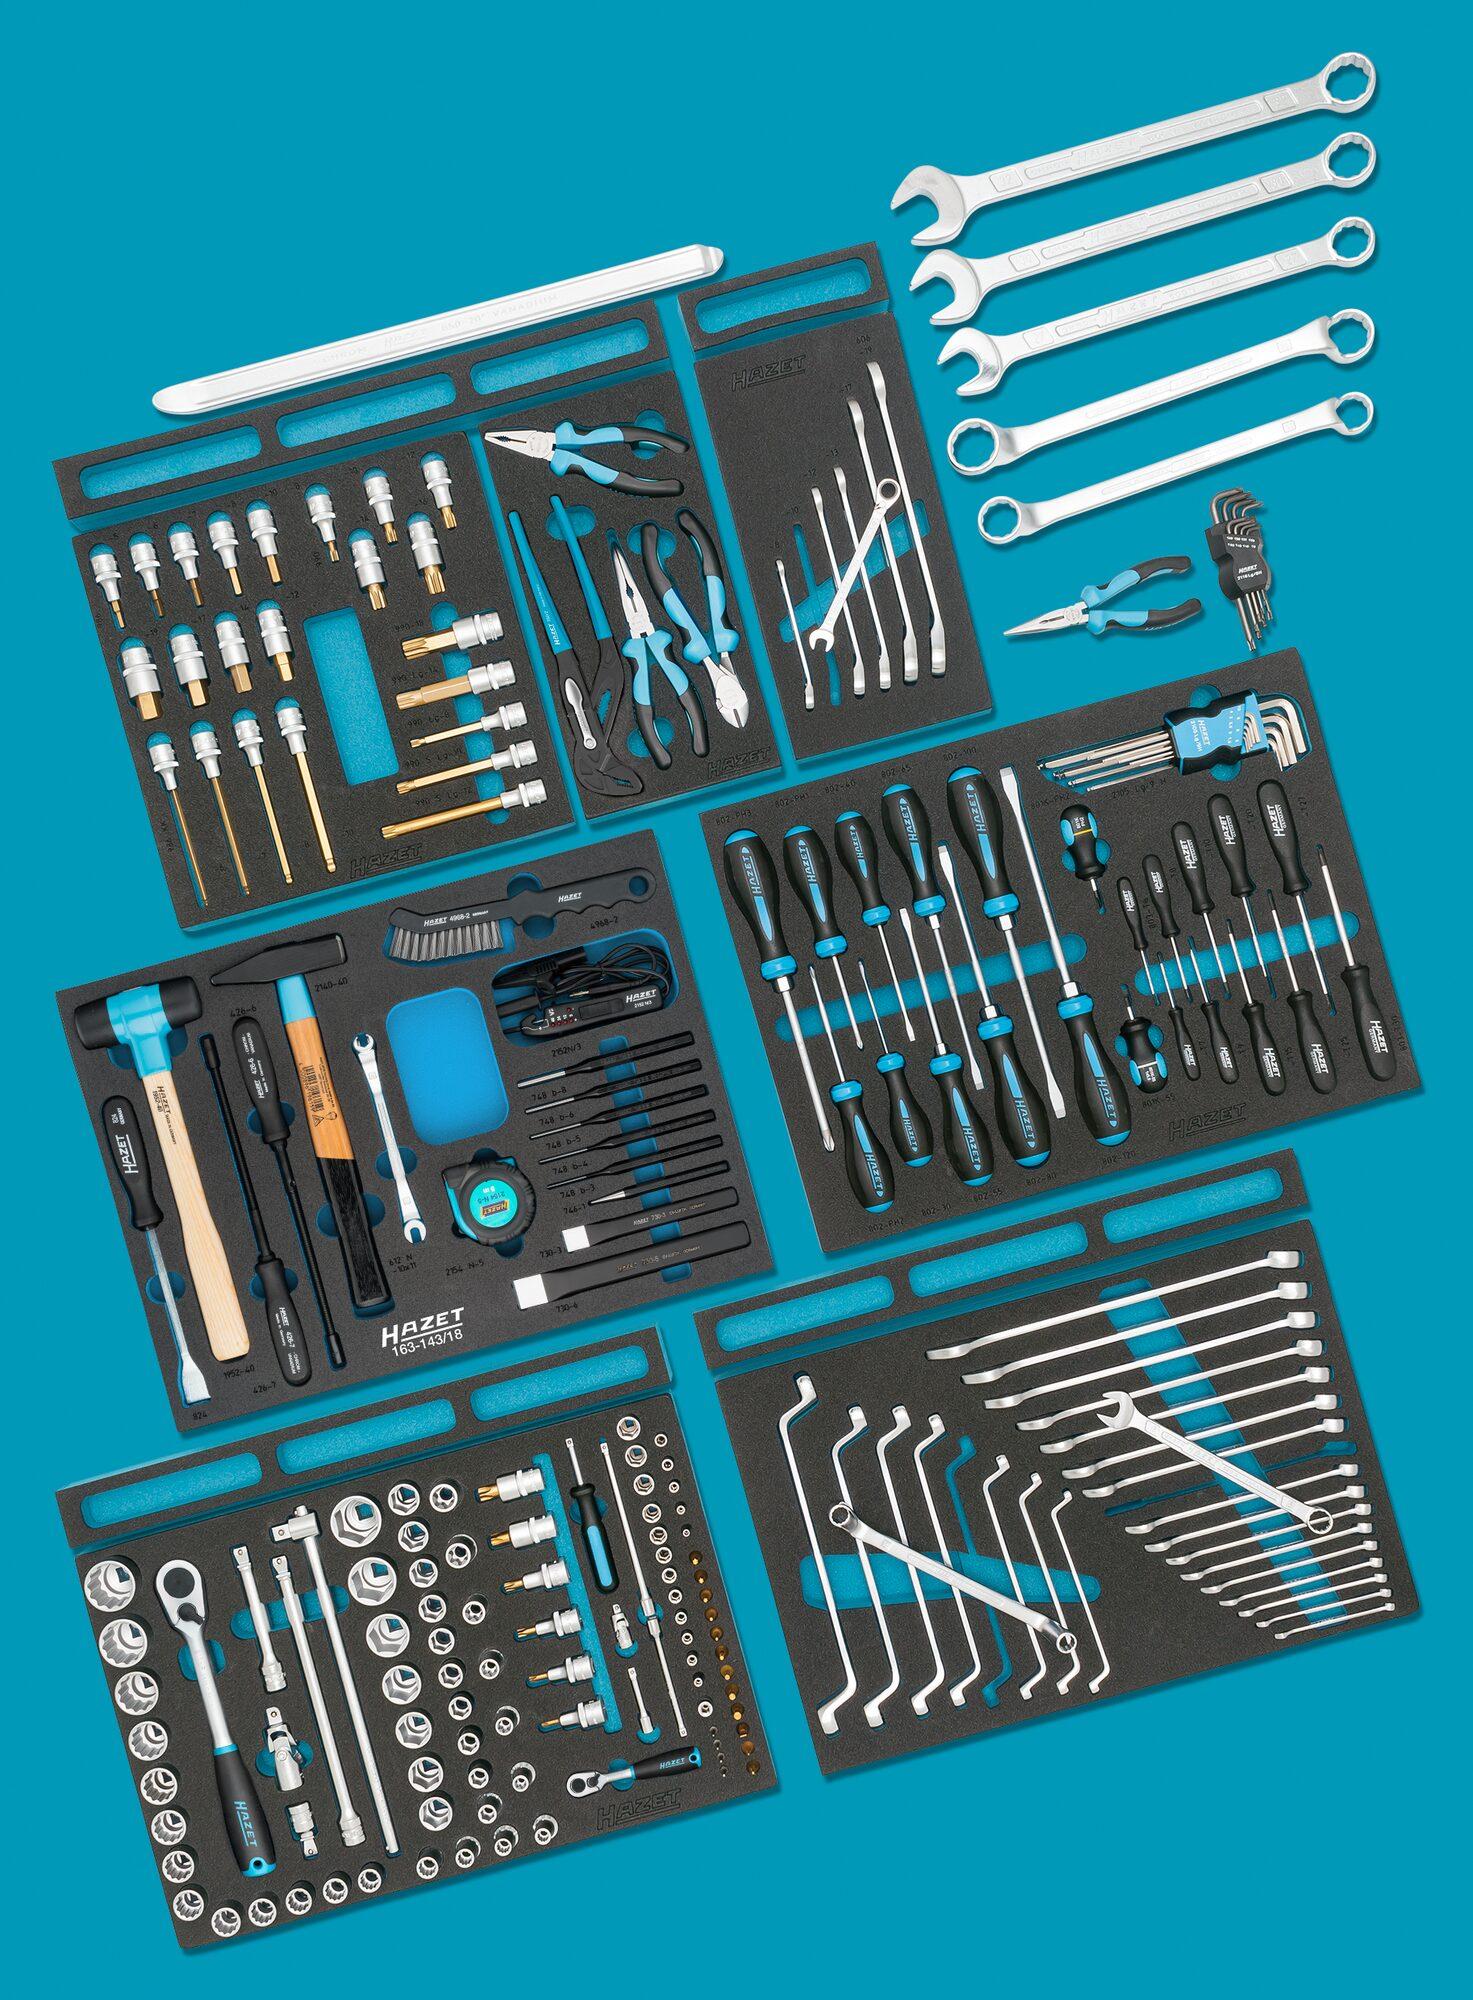 HAZET Standard Sortiment für AUDI 0-2500-163/214 ∙ Anzahl Werkzeuge: 214